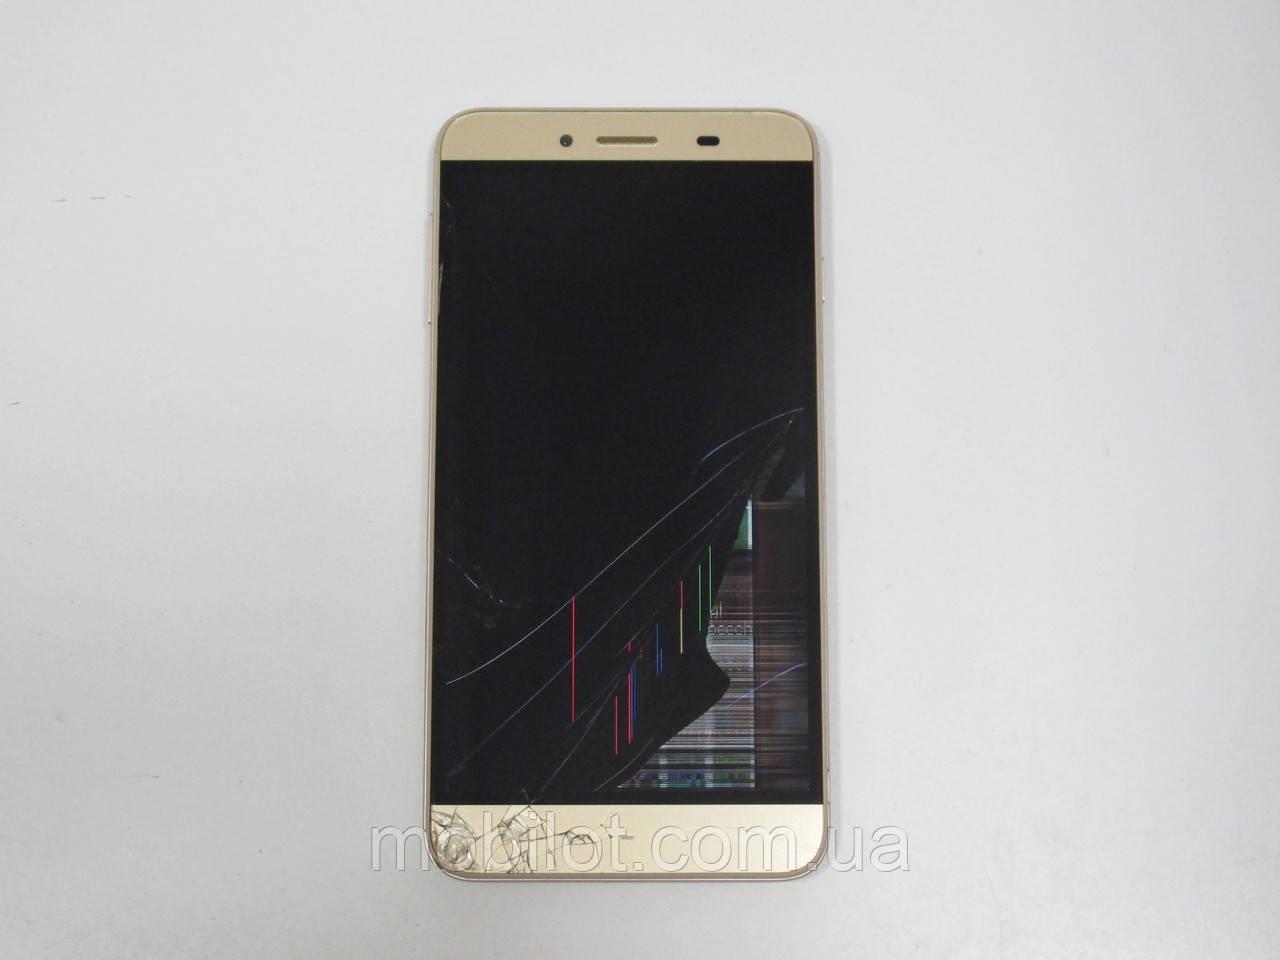 Мобильный телефон Prestigio Grace Z3 3533 (TZ-5670)